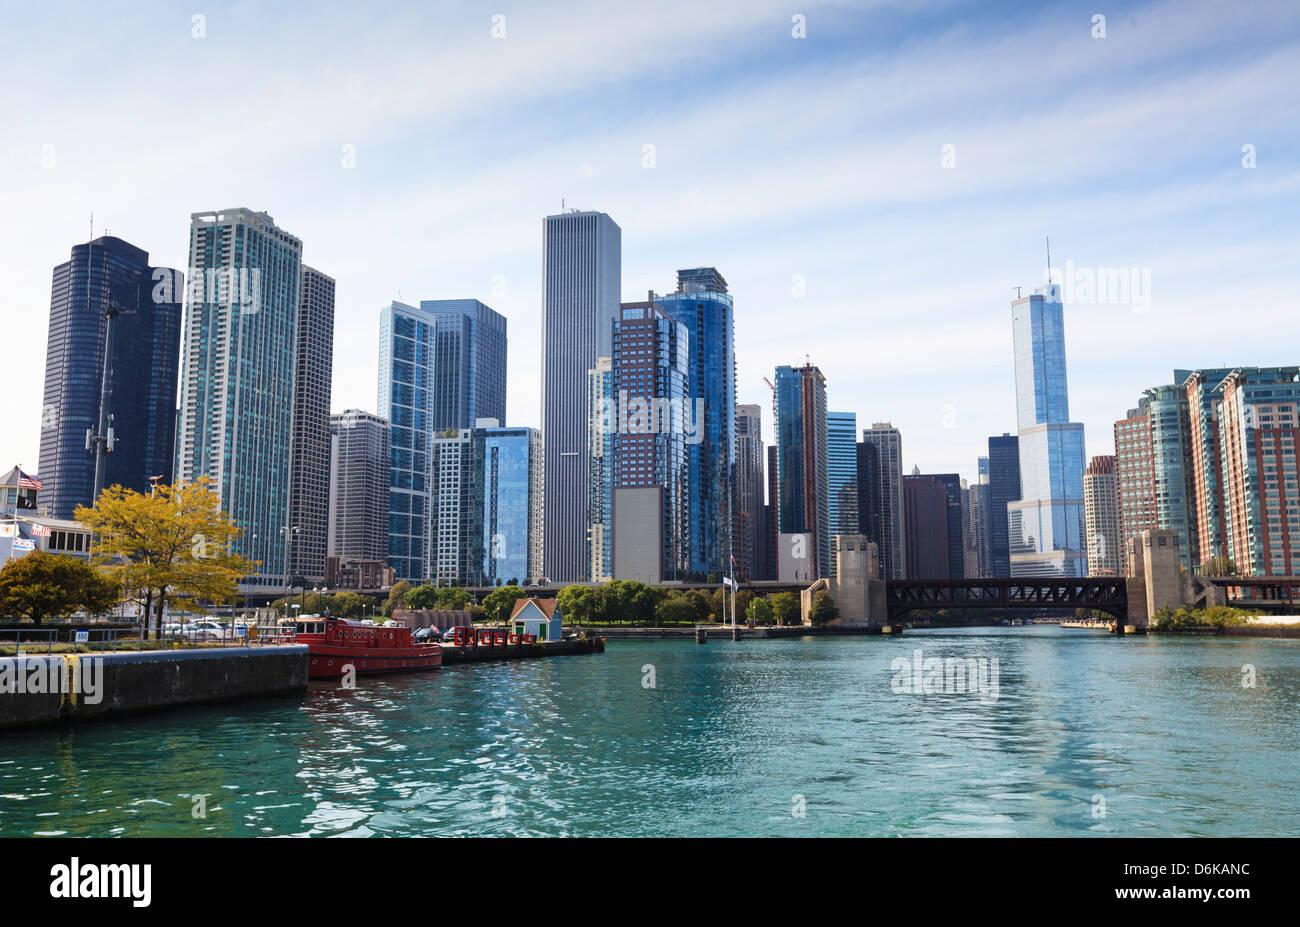 El horizonte de la ciudad desde el río de Chicago, Chicago, Illinois, Estados Unidos de América, América Imagen De Stock